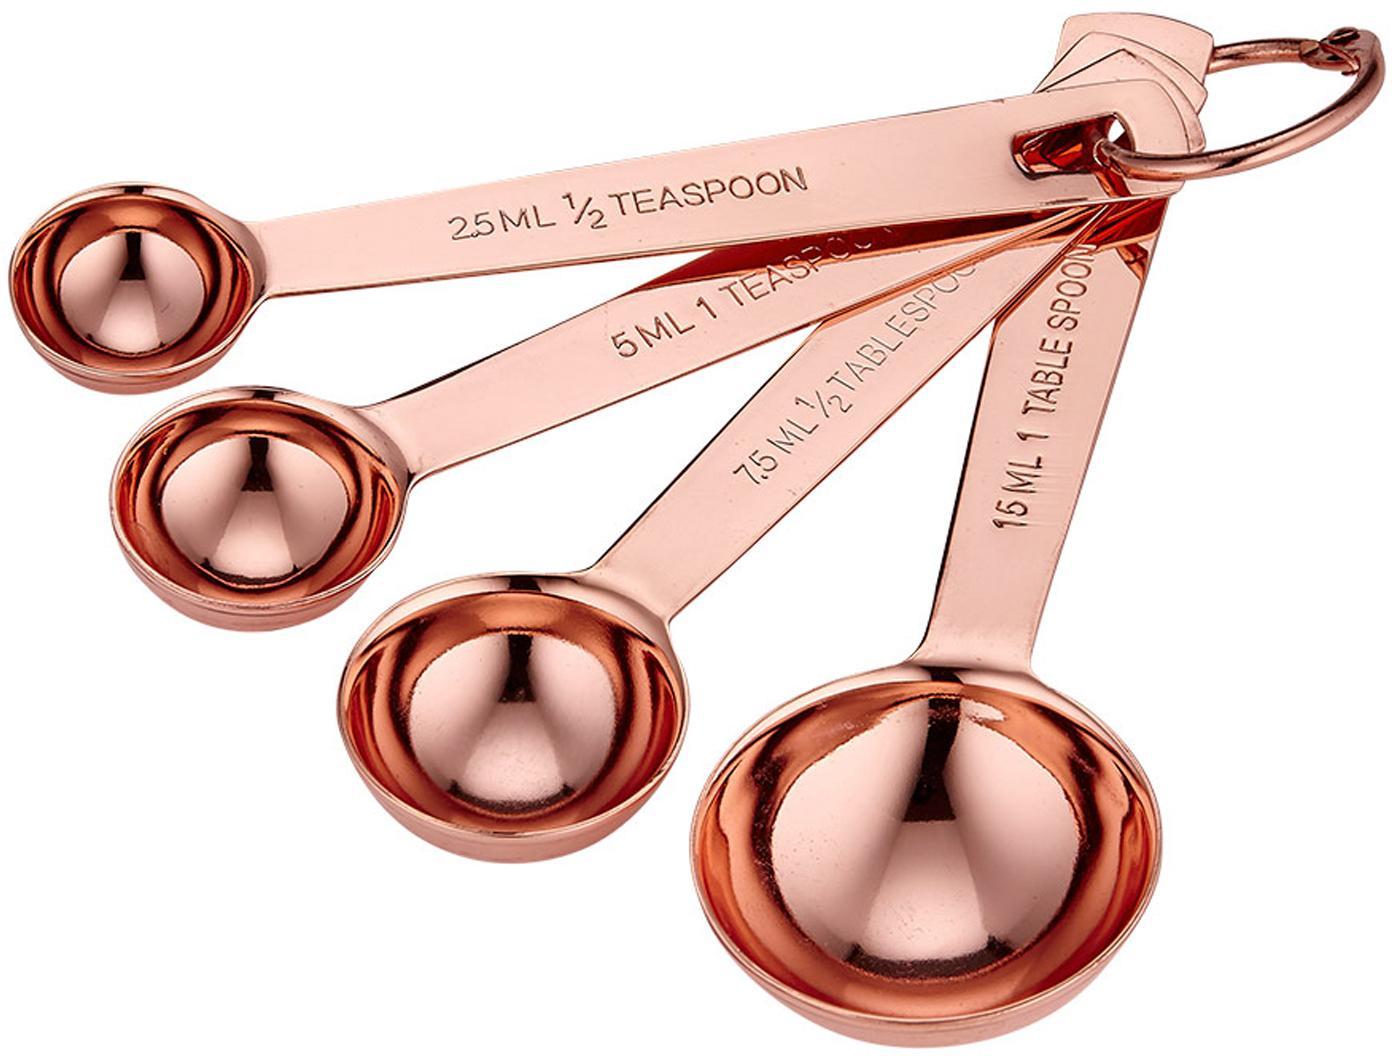 Set de cucharas medidoras Lawson, 4pzas., Acero inoxidable, cobre, Cobre, Set de diferentes tamaños